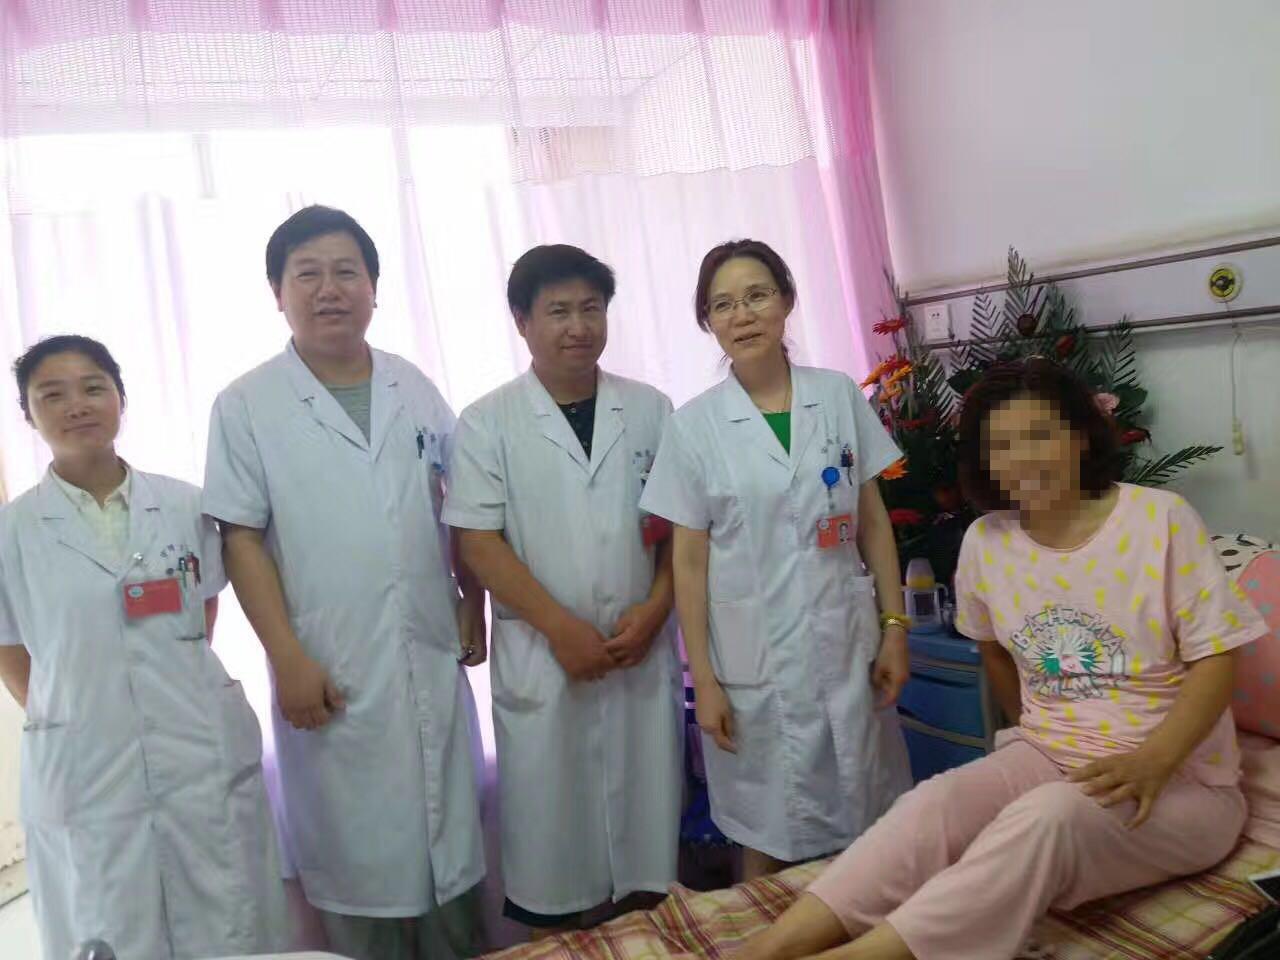 第六次开腹手术,她选择了市安阳地区医院妇产科